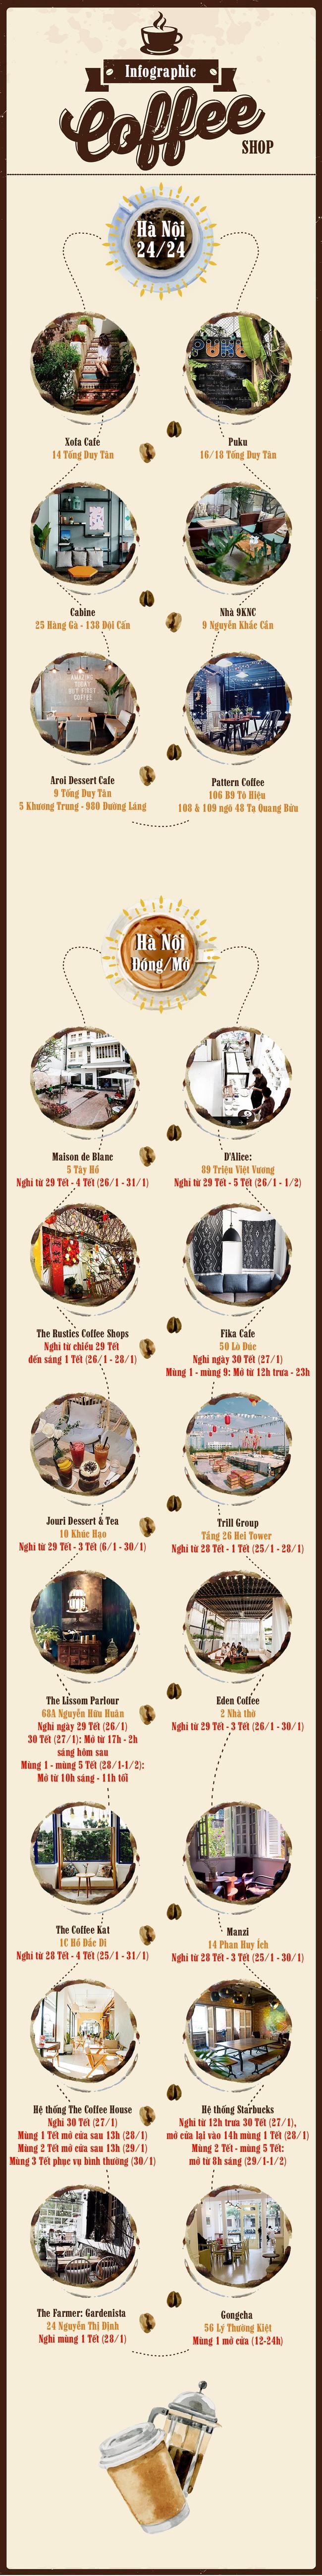 Cập nhật ngay lịch đóng/mở loạt cafe hot nhất Hà Nội - Sài Gòn dịp Tết - Ảnh 1.